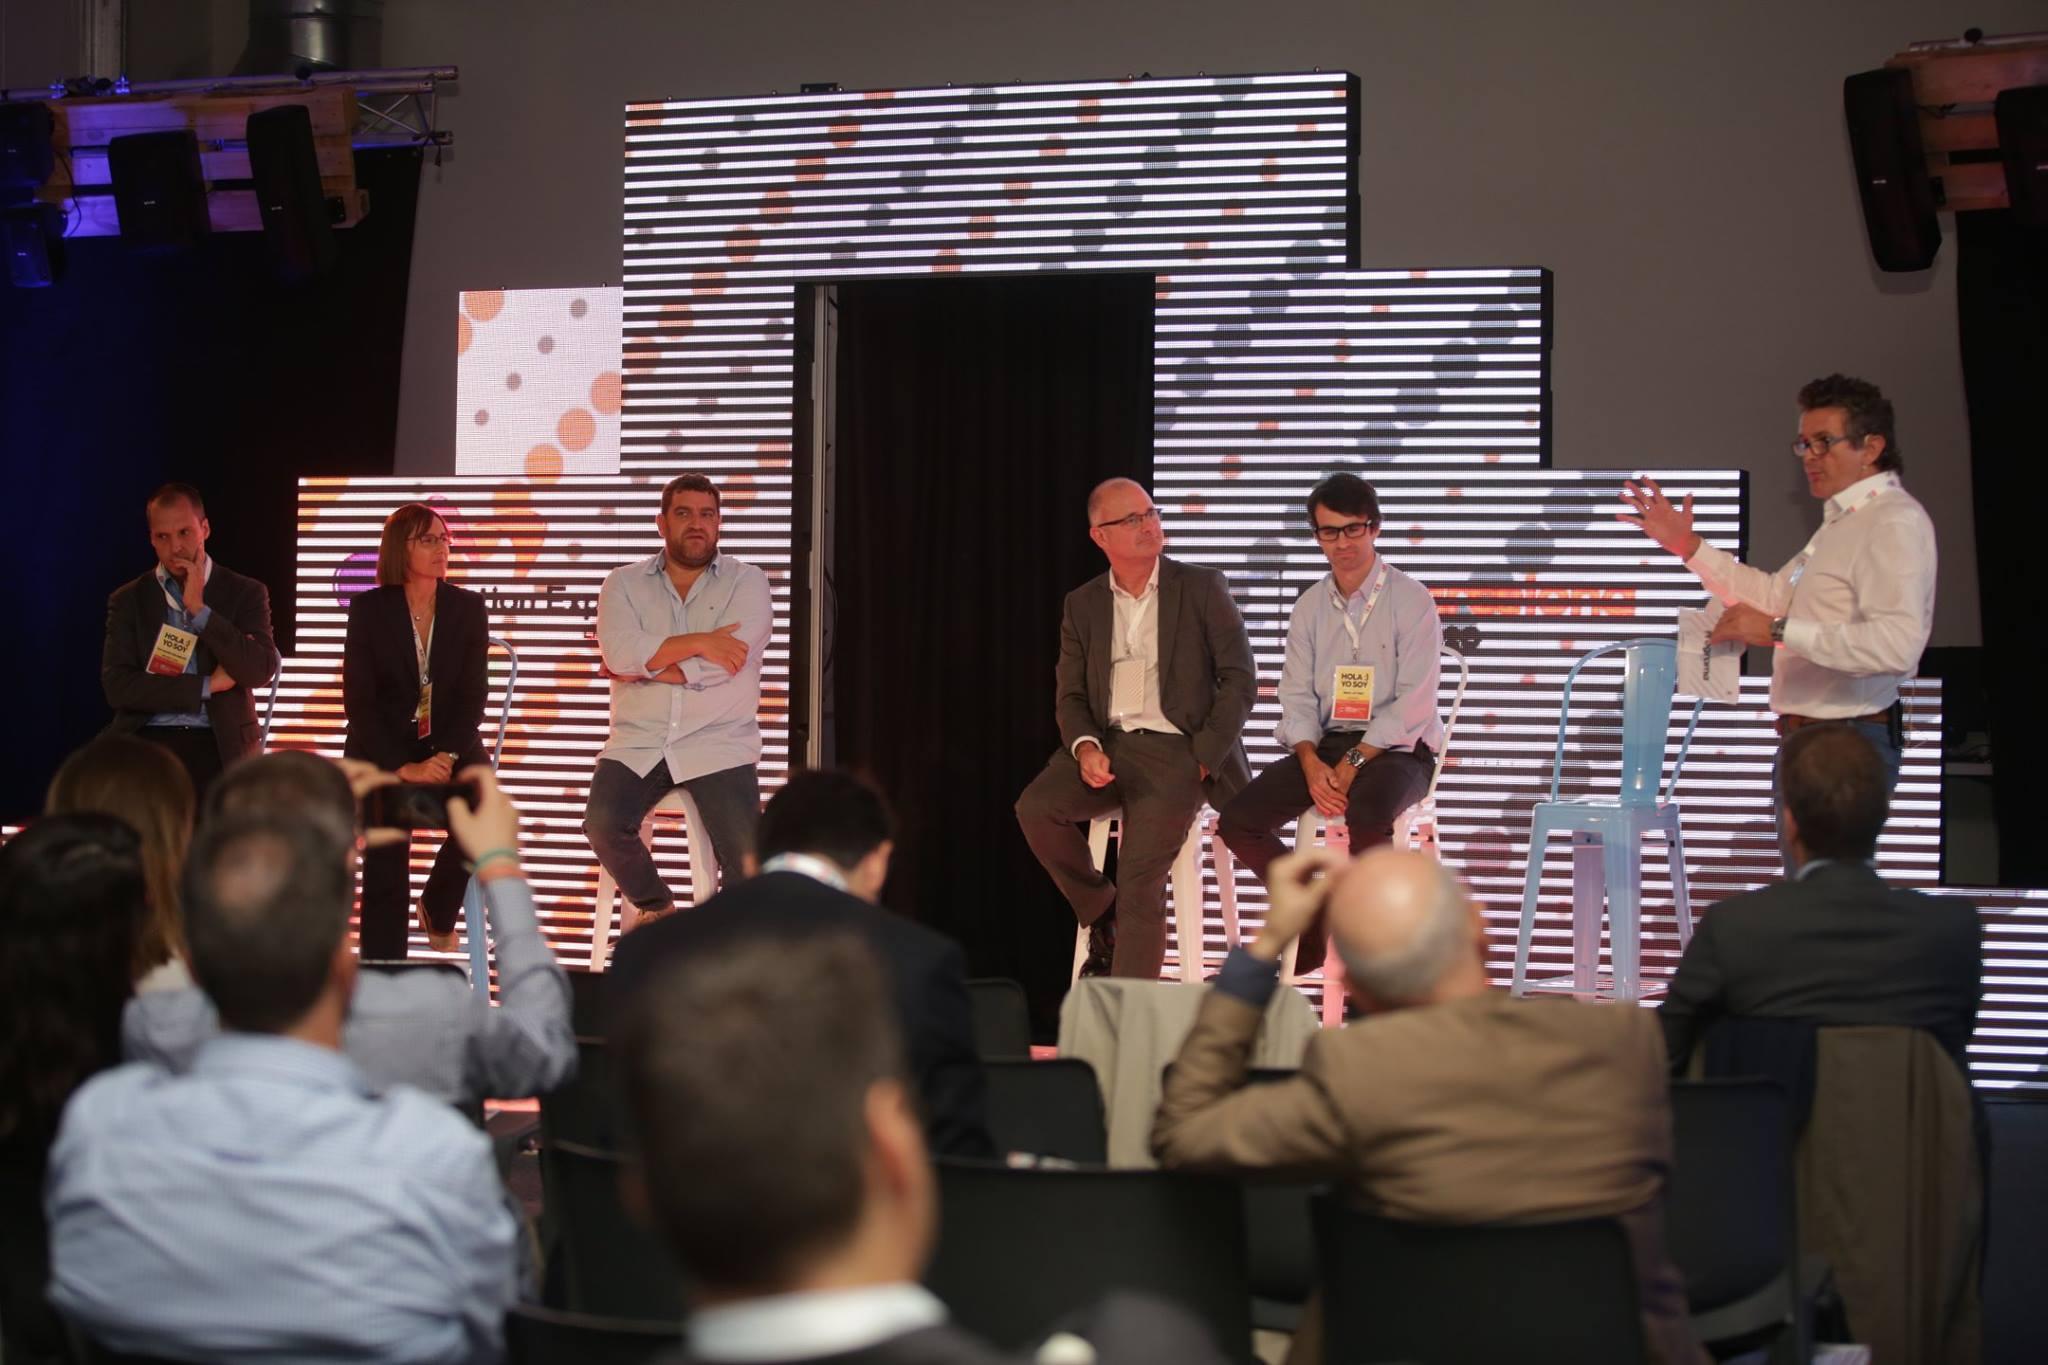 el-cliente-figital-retail-design-conference-3g-office